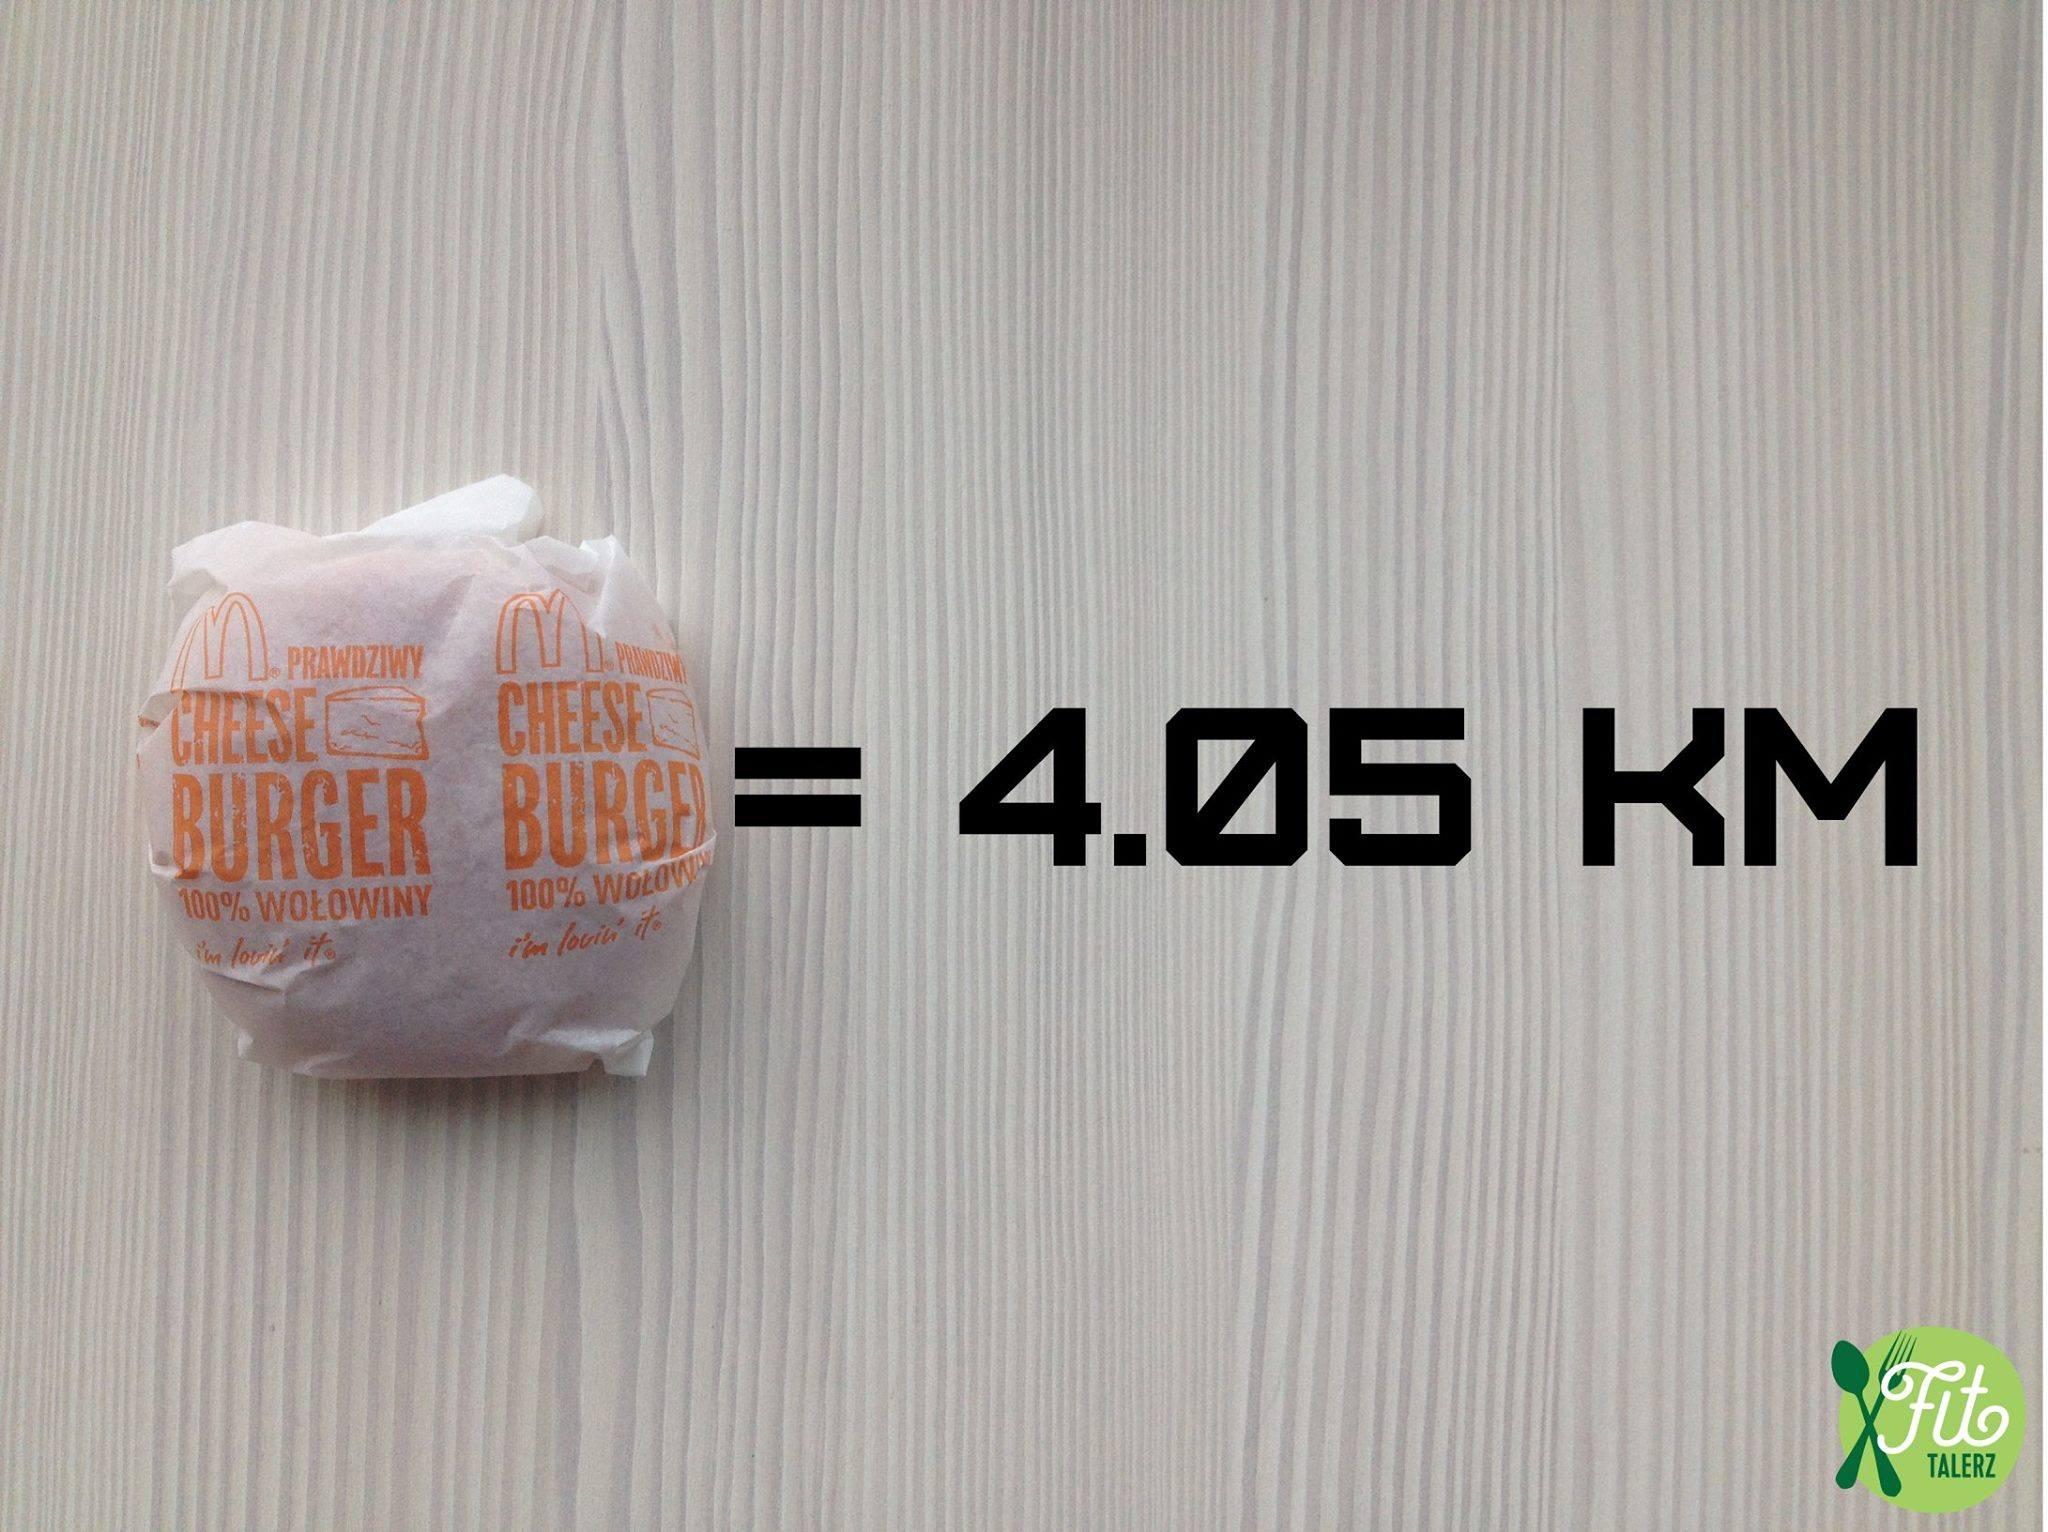 Quantos KMs é preciso correr para queimar esses alimentos?